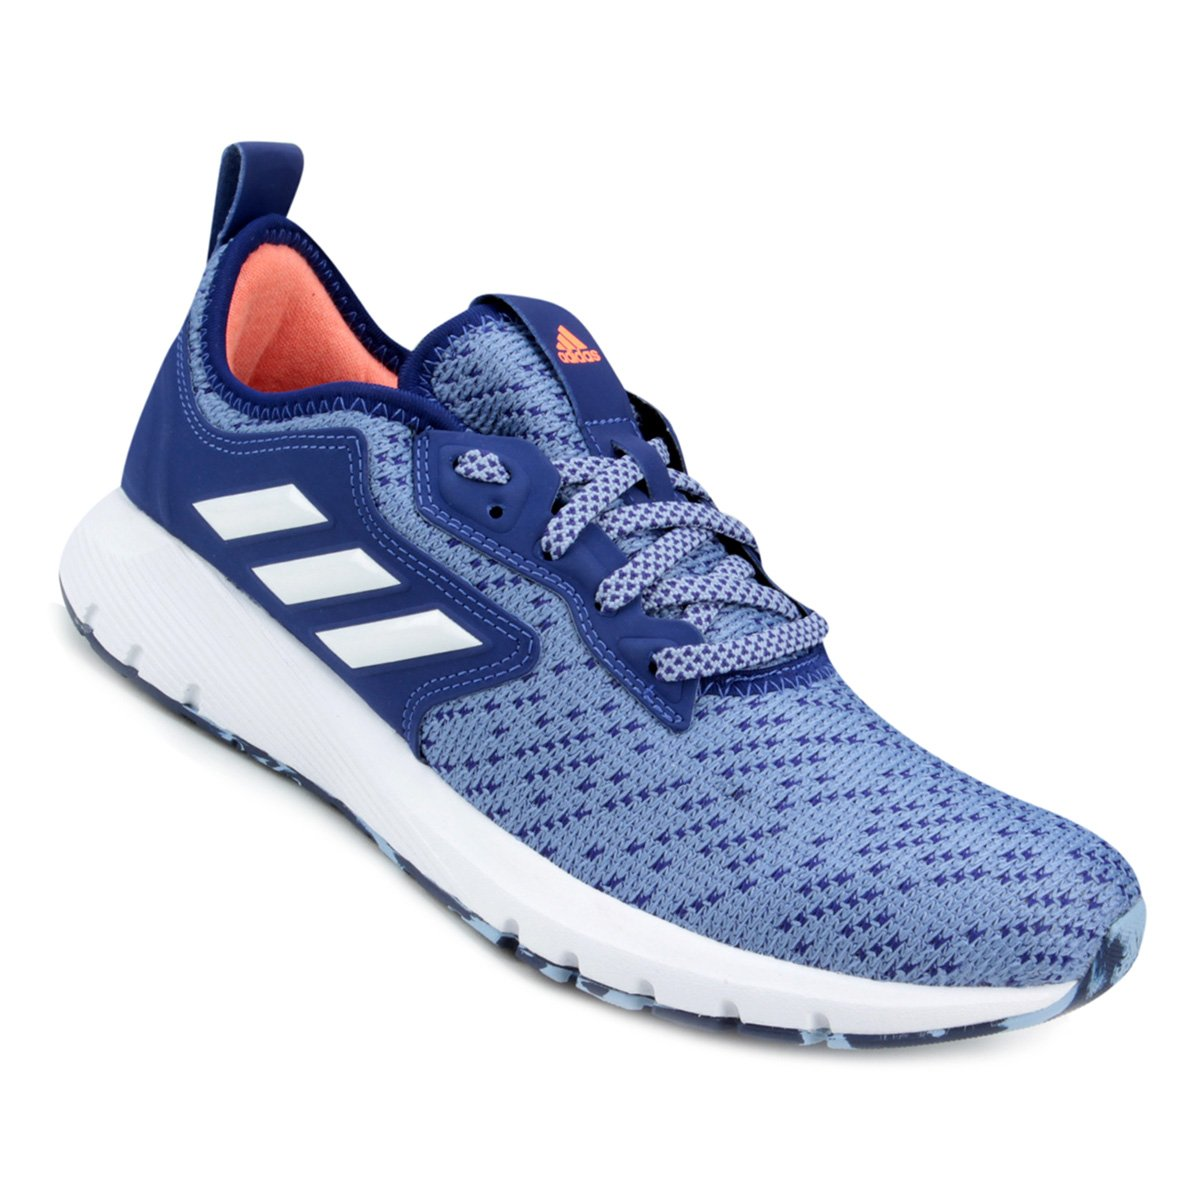 9b0539e7a7 Tênis Adidas Skyfreeze 2 Feminino - Azul e Branco - Compre Agora ...